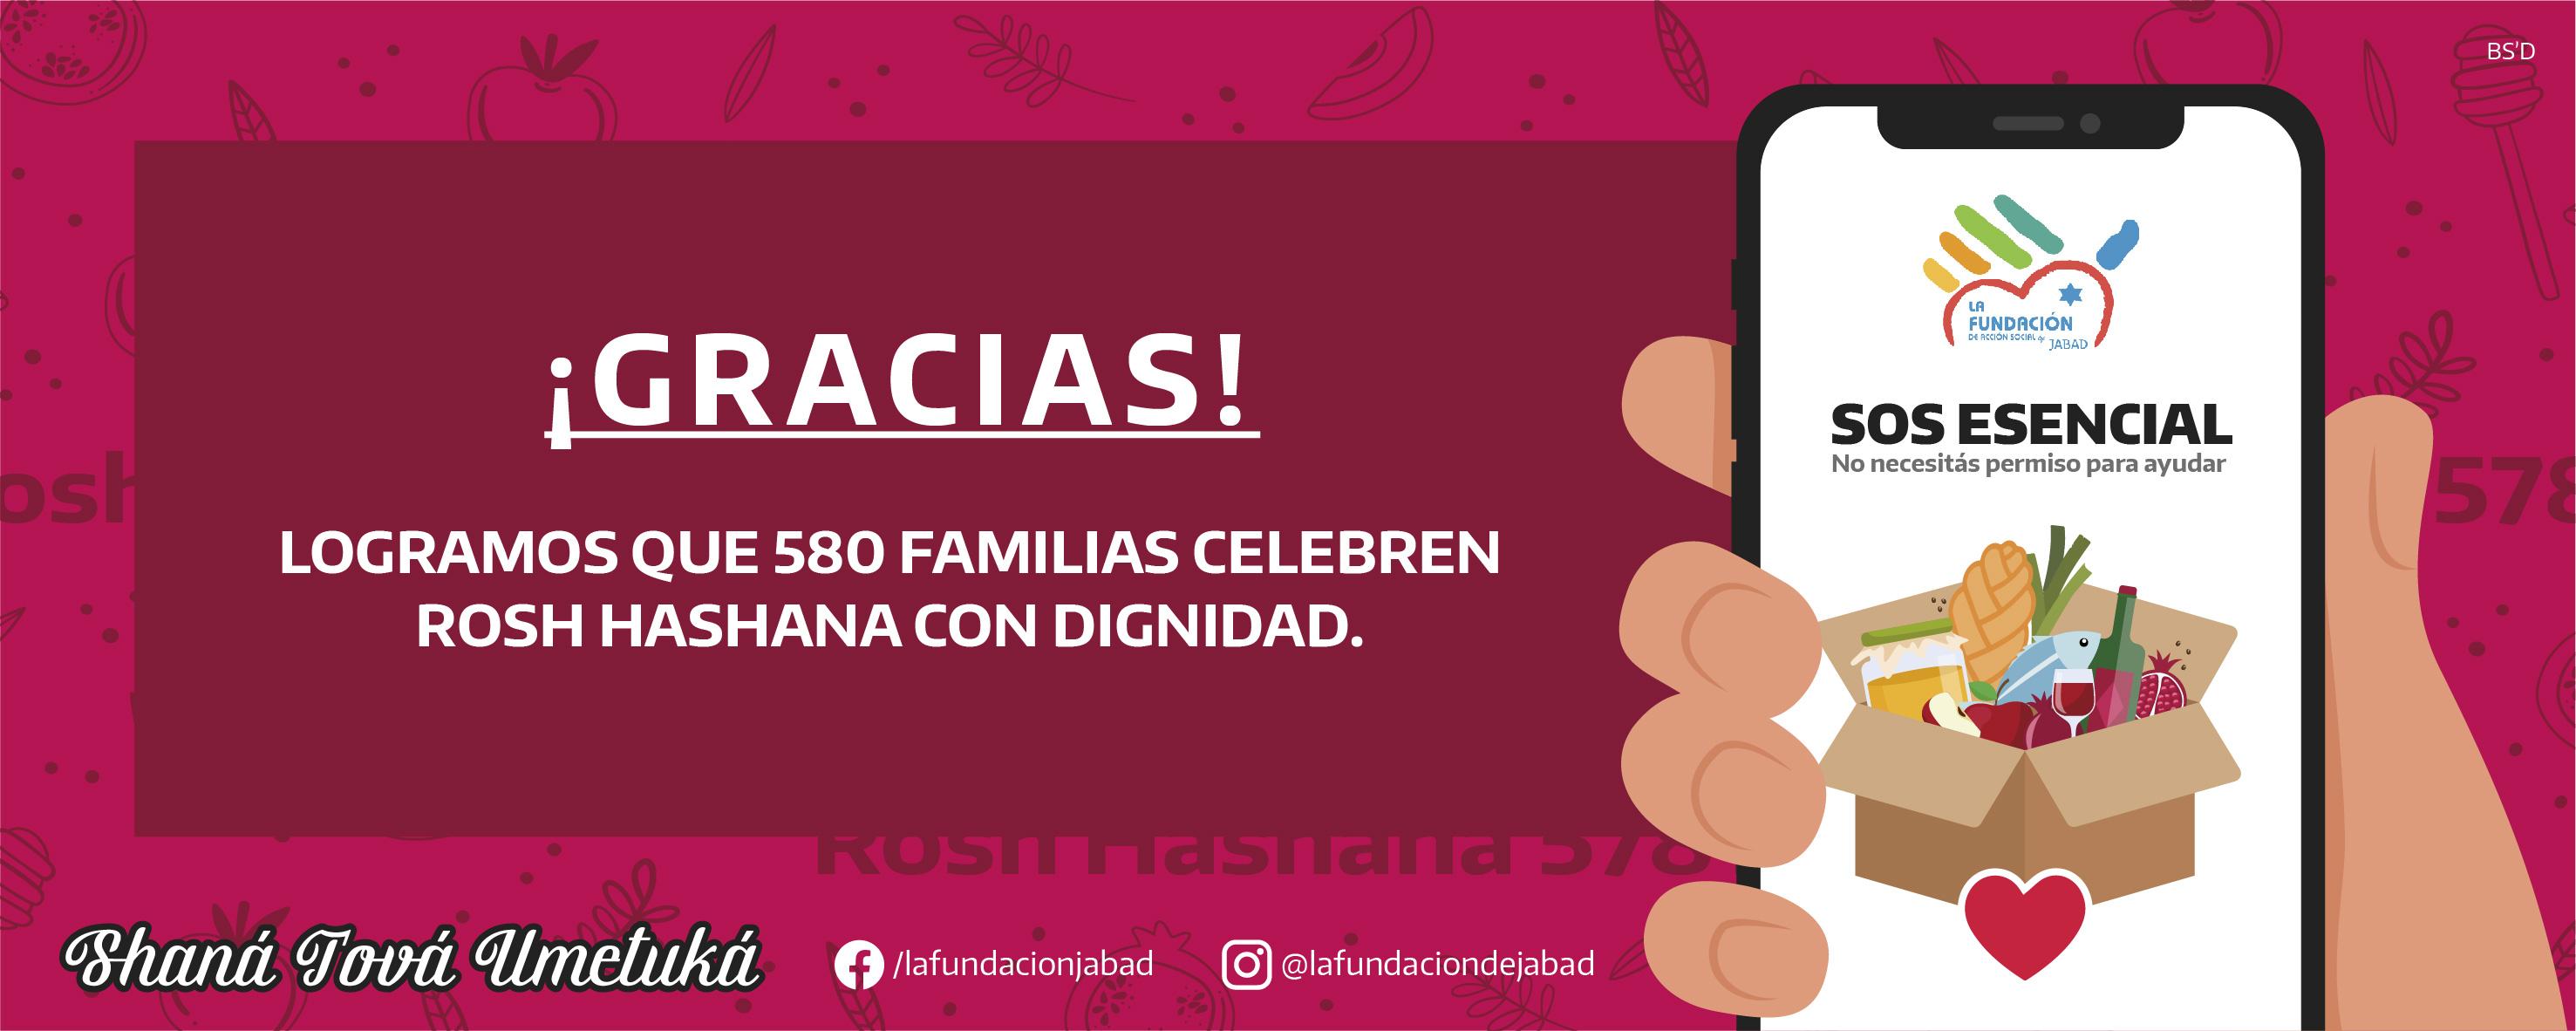 Fundacion_RoshHashanah2020_Banner web - Gracias